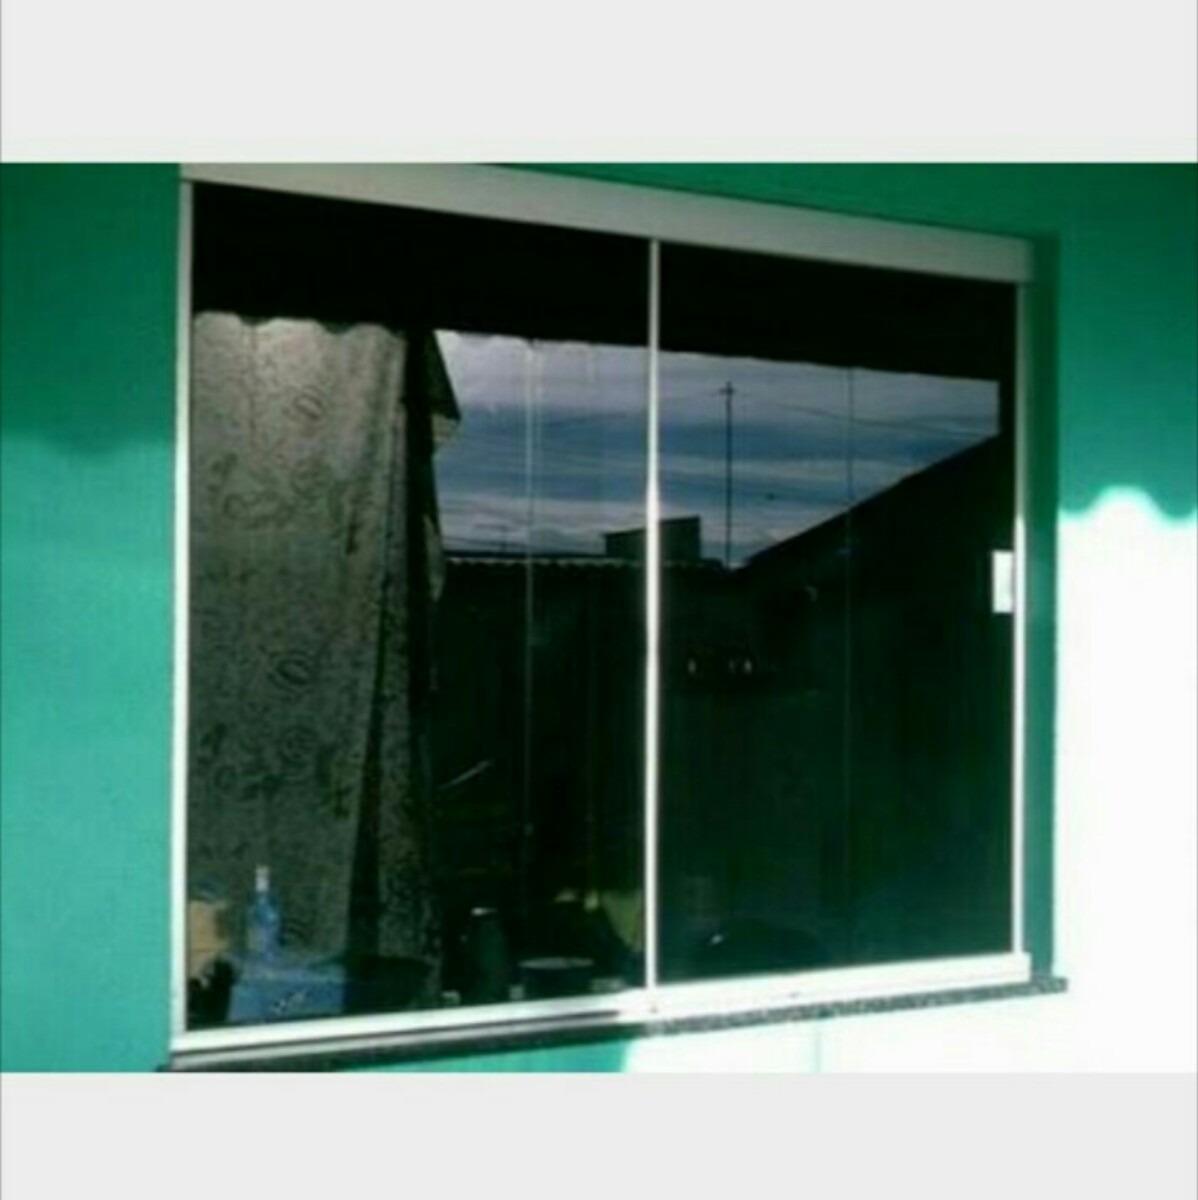 Janela De Vidro Temperado R$ 280 00 no MercadoLivre #0F5E41 1198 1200